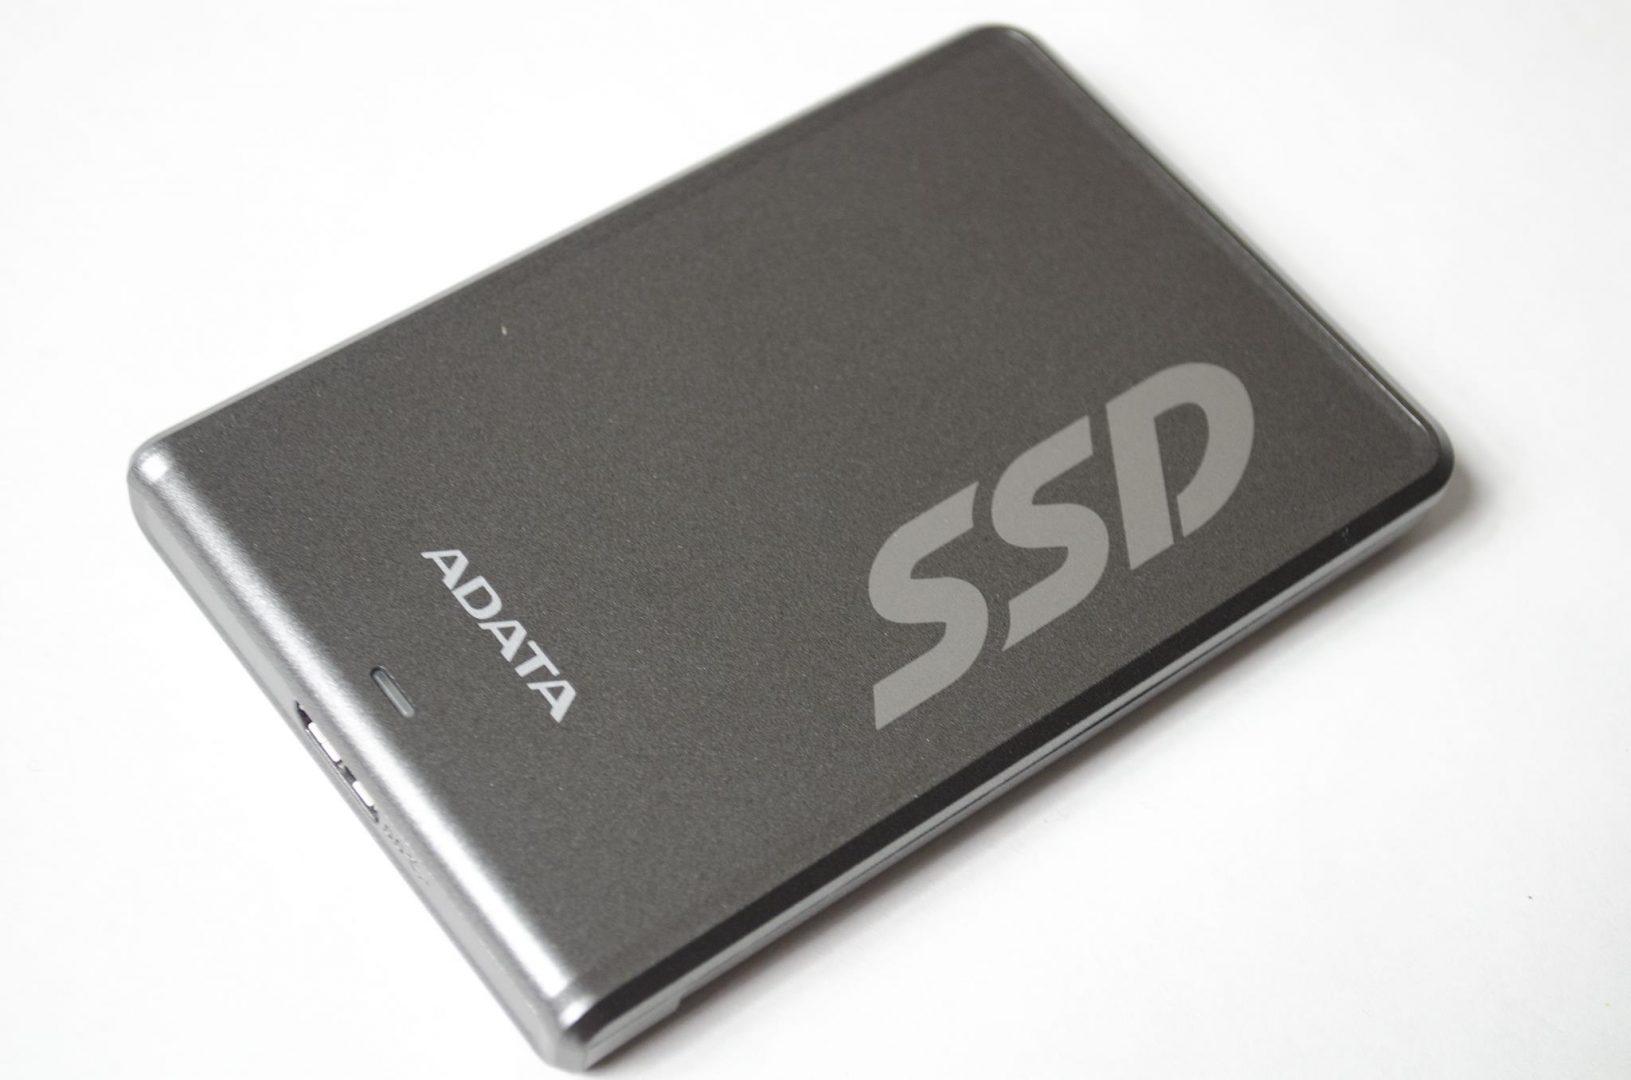 ADATA SV620 External SSD Review